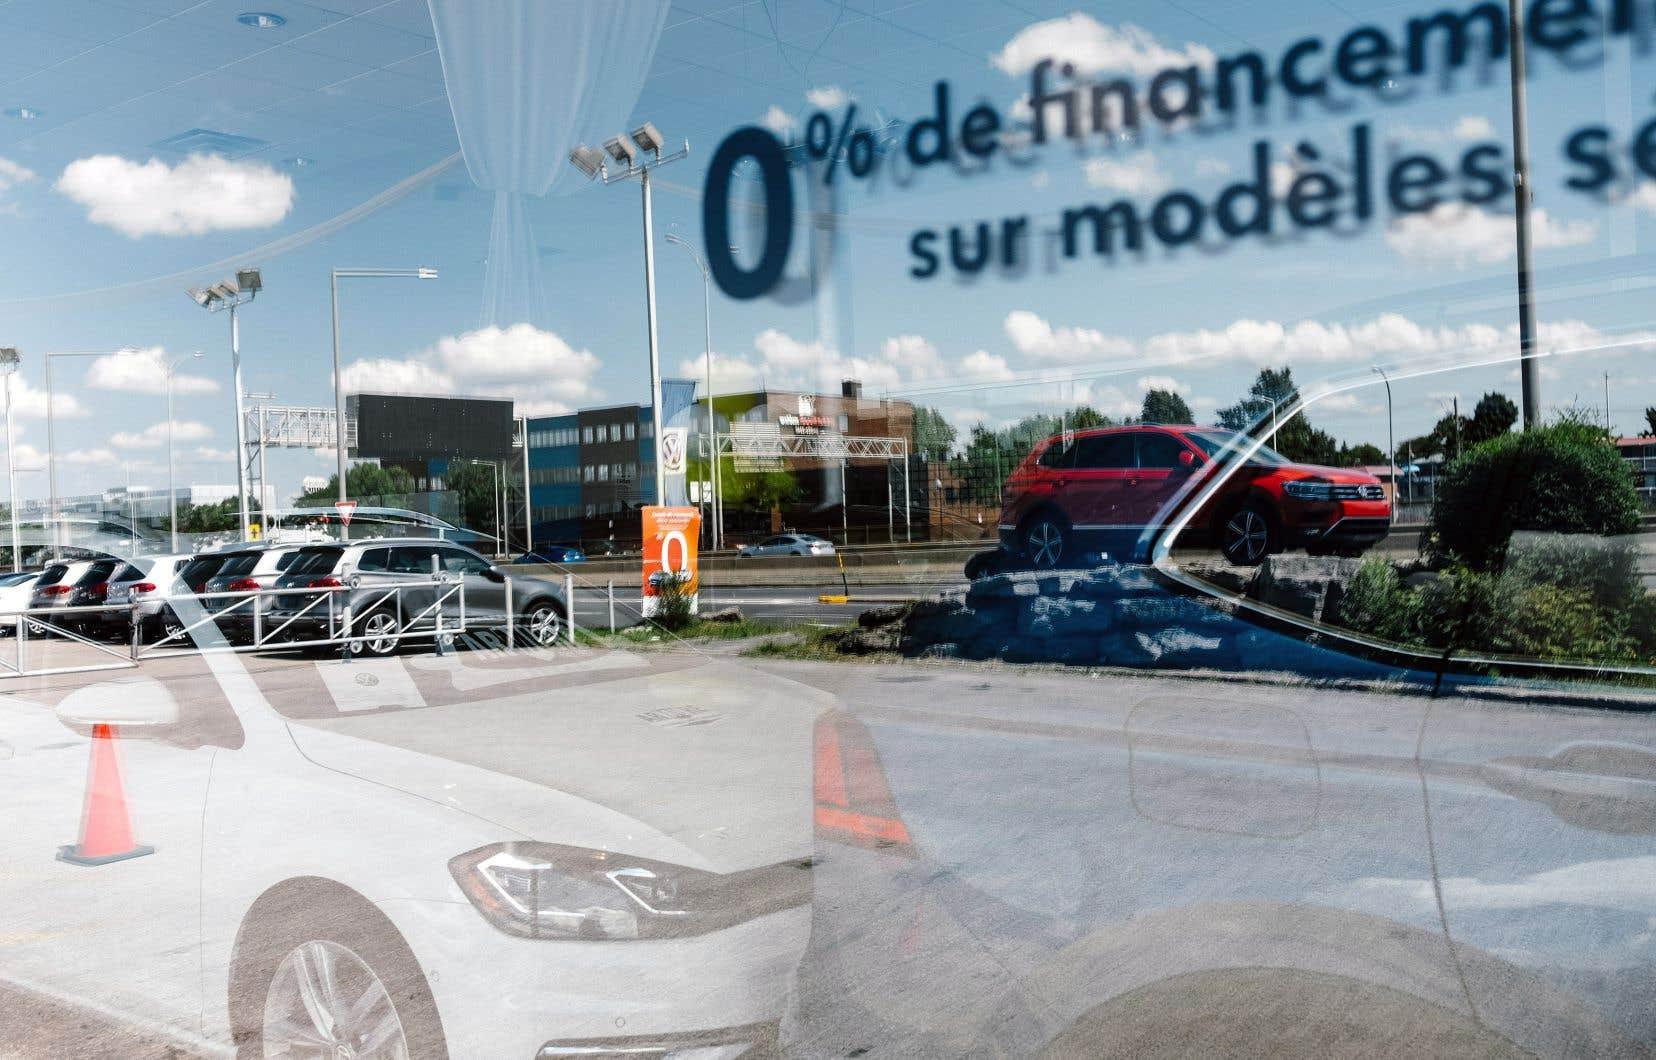 Pour la plupart des ménages, l'automobile représente le deuxième poste budgétaire en importance, immédiatement après le loyer ou l'hypothèque. Acquérir un véhicule peut devenir lourd, financièrement, et cette décision ne devrait pas être prise sur un coup de tête.